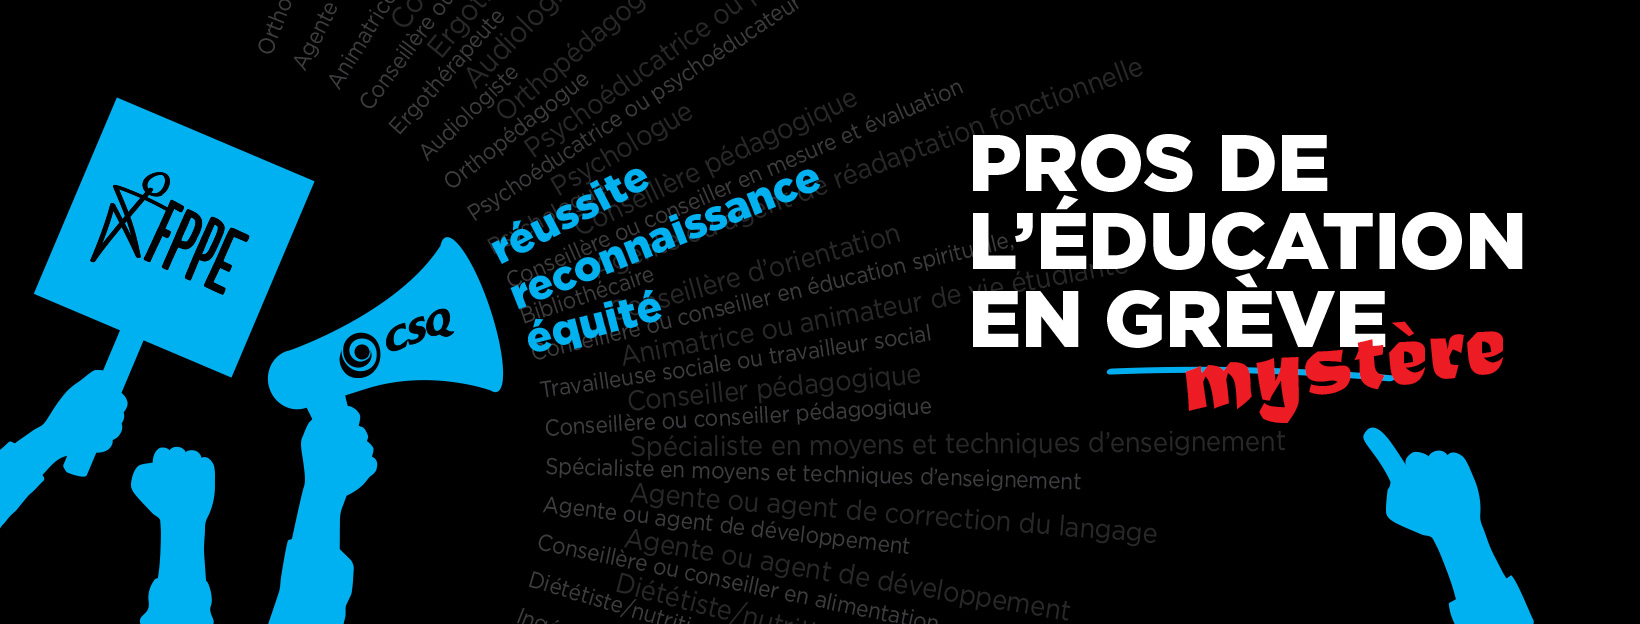 Communiqué de presse<br> Négociation du secteur public<br><B> Les professionnelles et professionnels de l'éducation en « grève mystère » le 19 mai</b>